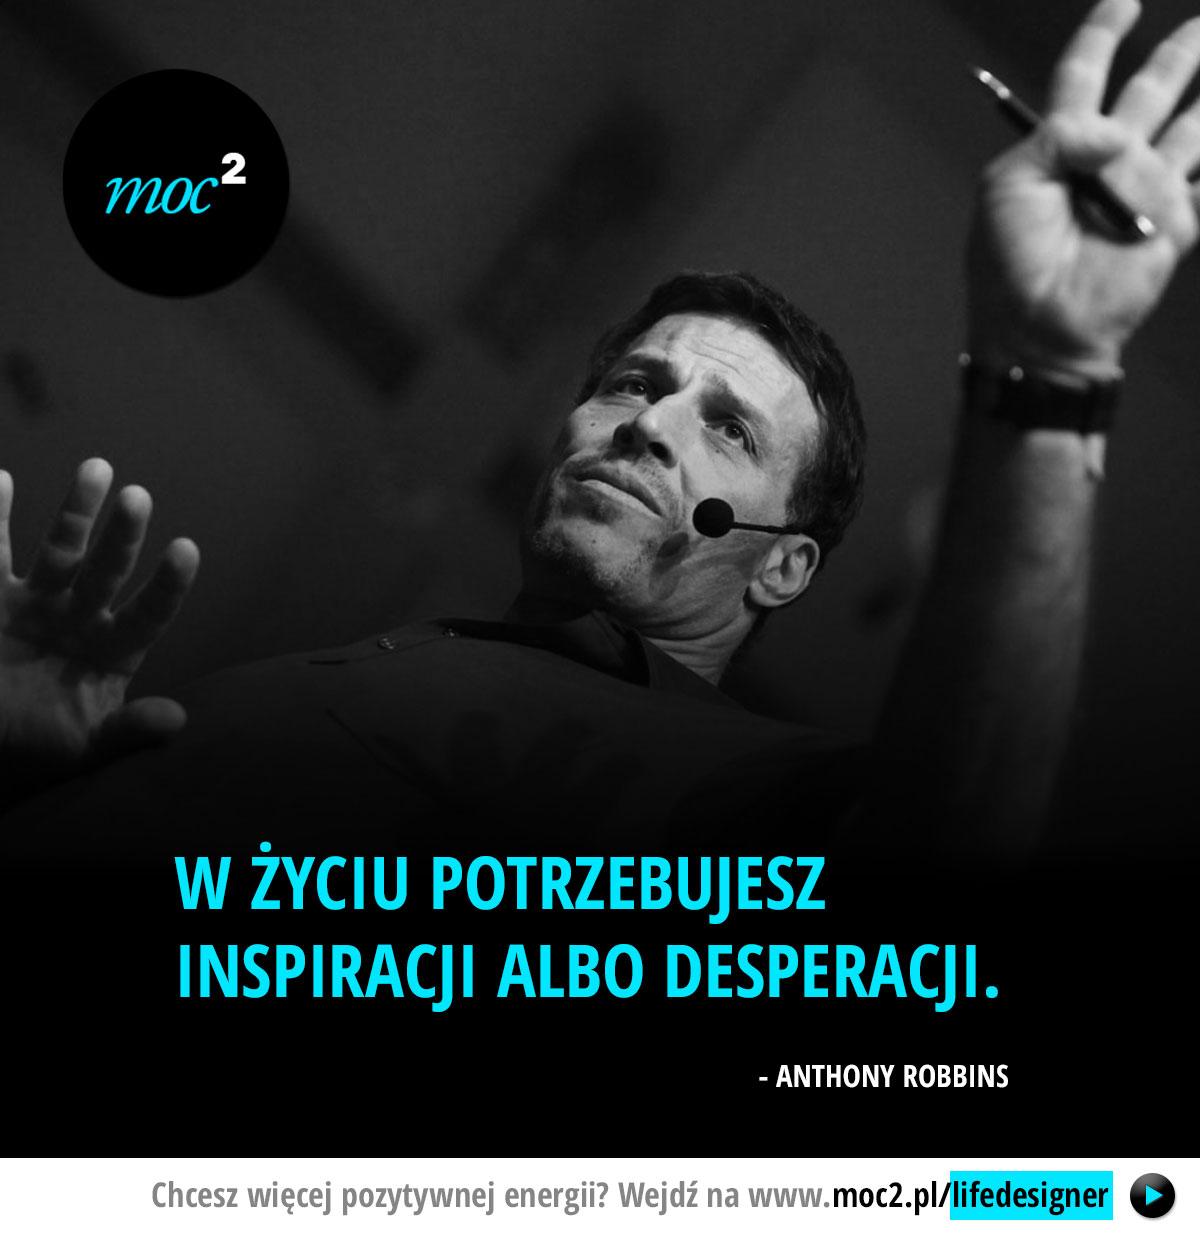 W życiu potrzebujesz inspiracji albo desperacji. - Anthony Robbins